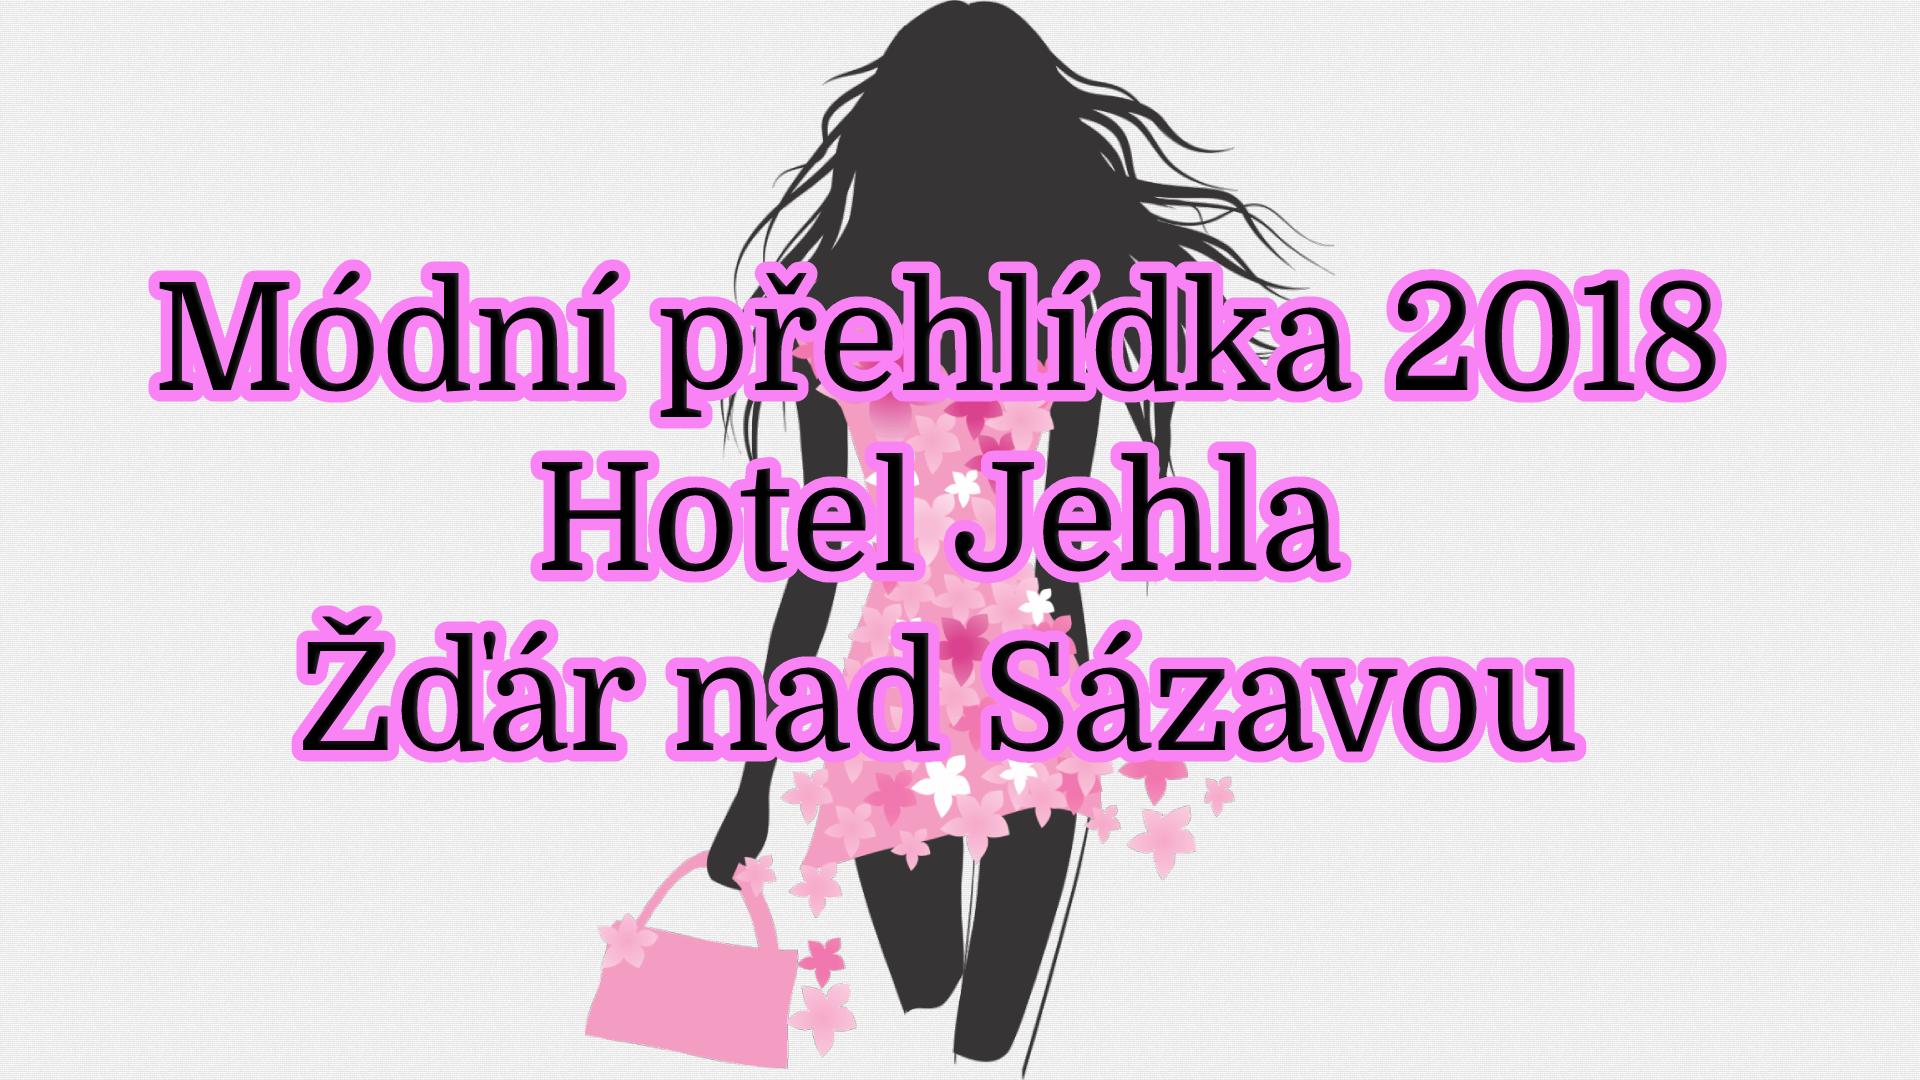 Módní přehlídka 2018 - Hotel Jehla Žďár nad Sázavou